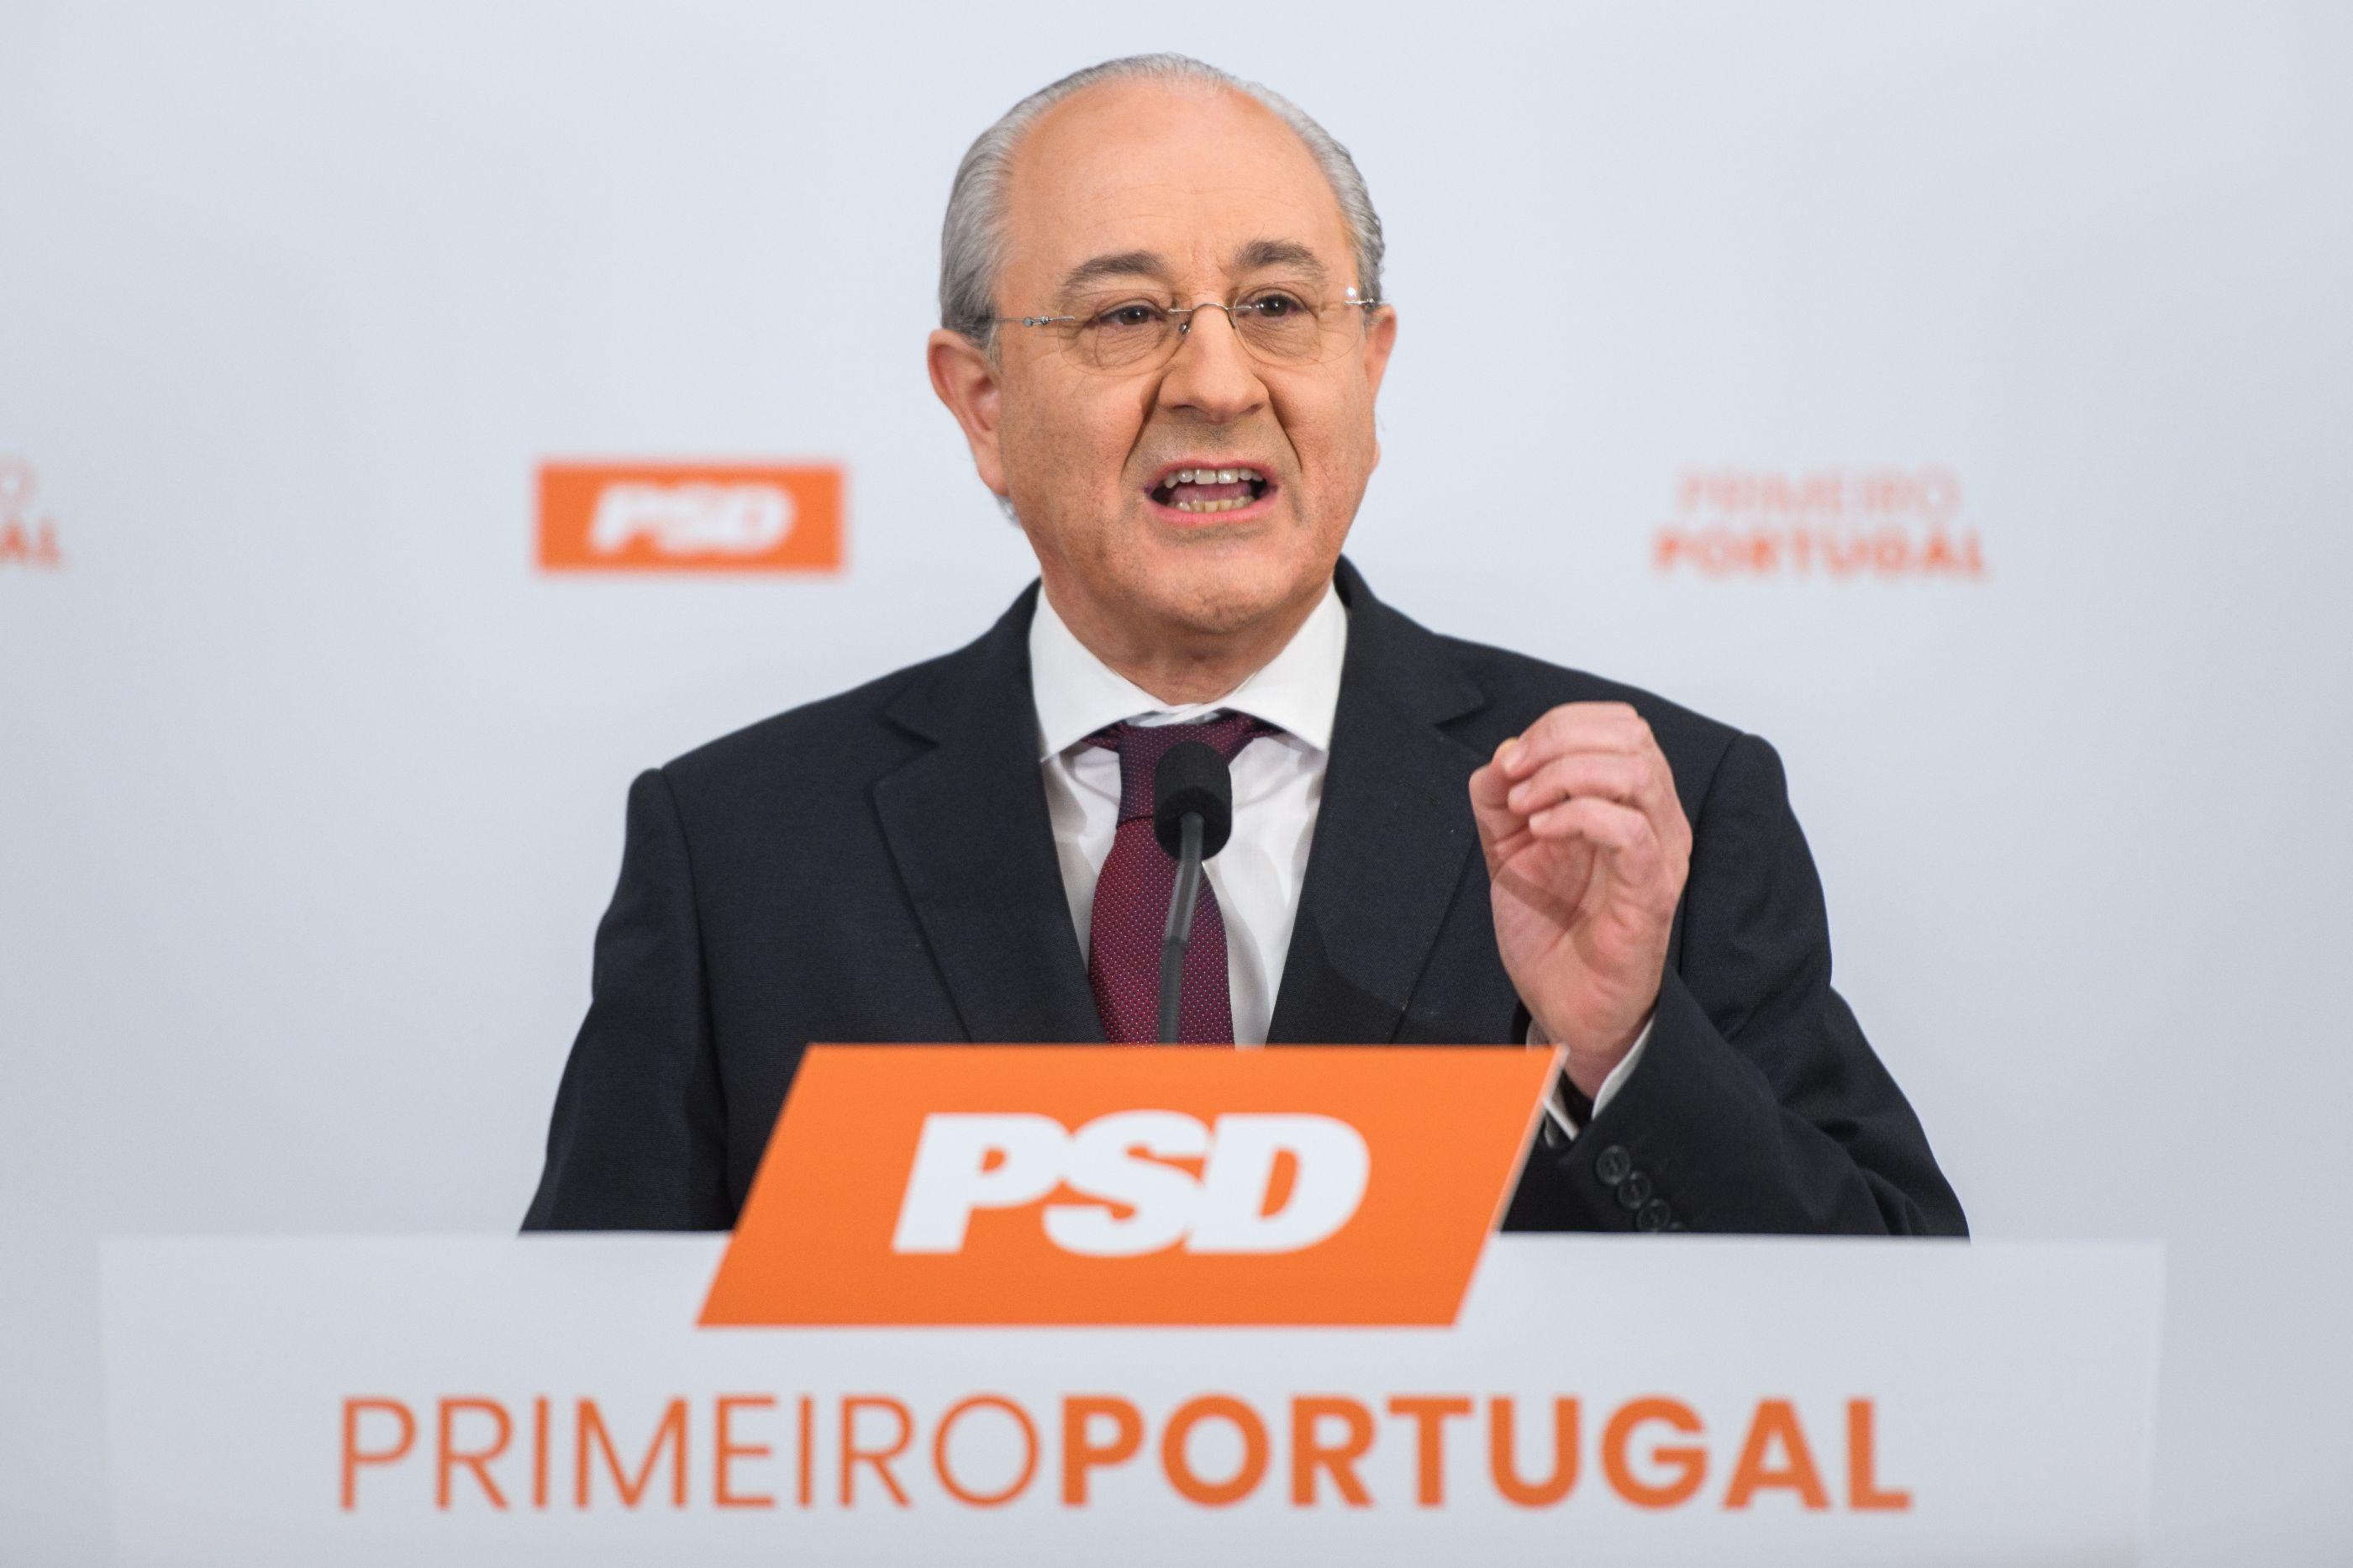 PSD quer entendimento com partidos para fazer reforma da Segurança Social